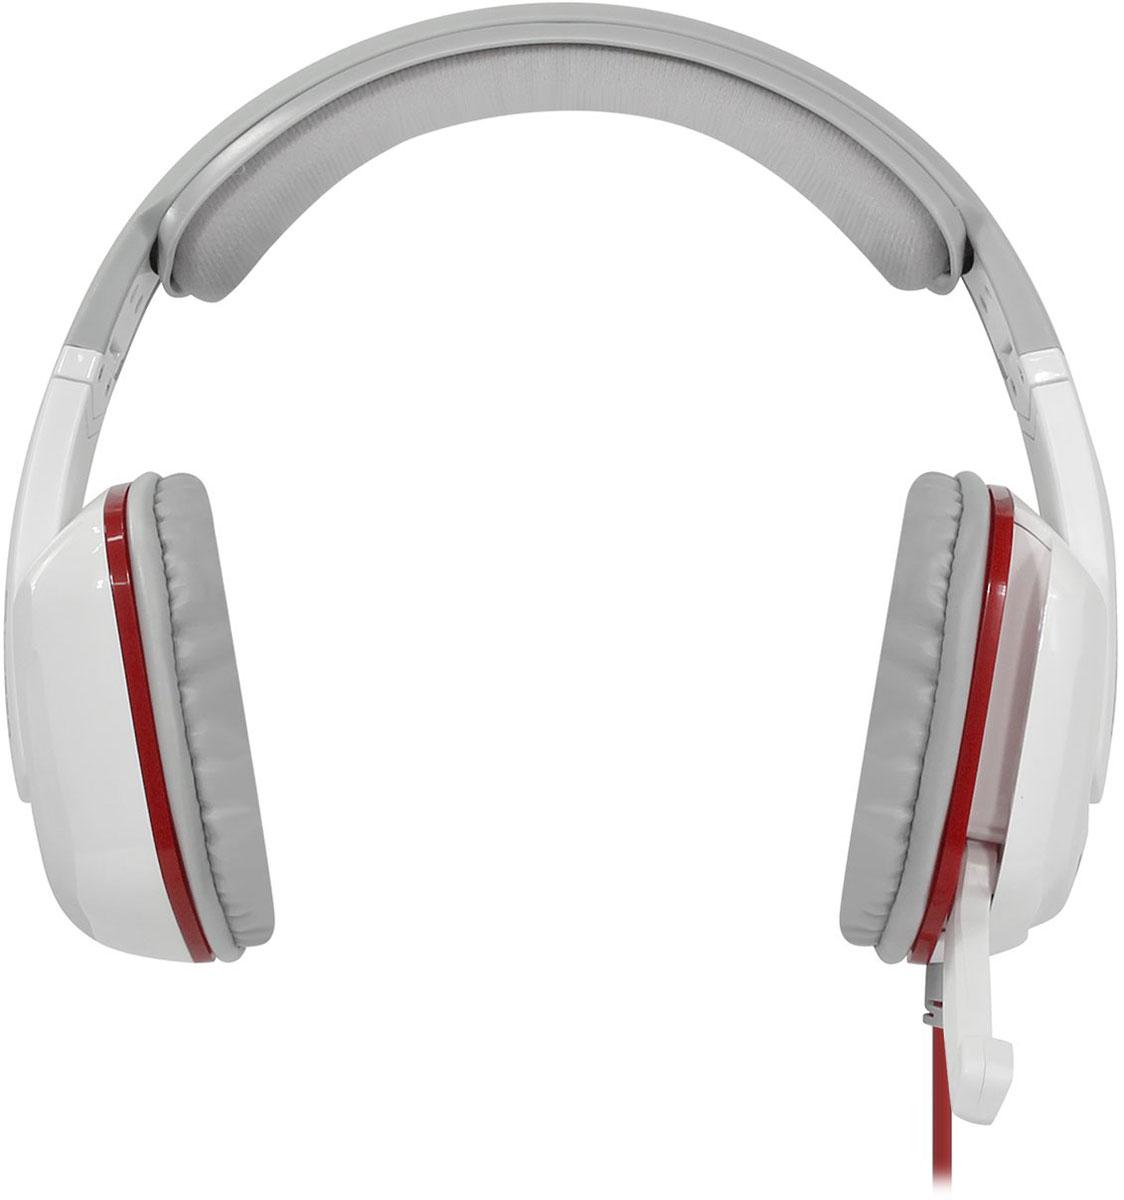 Qcyber GH9000, White игровые наушники